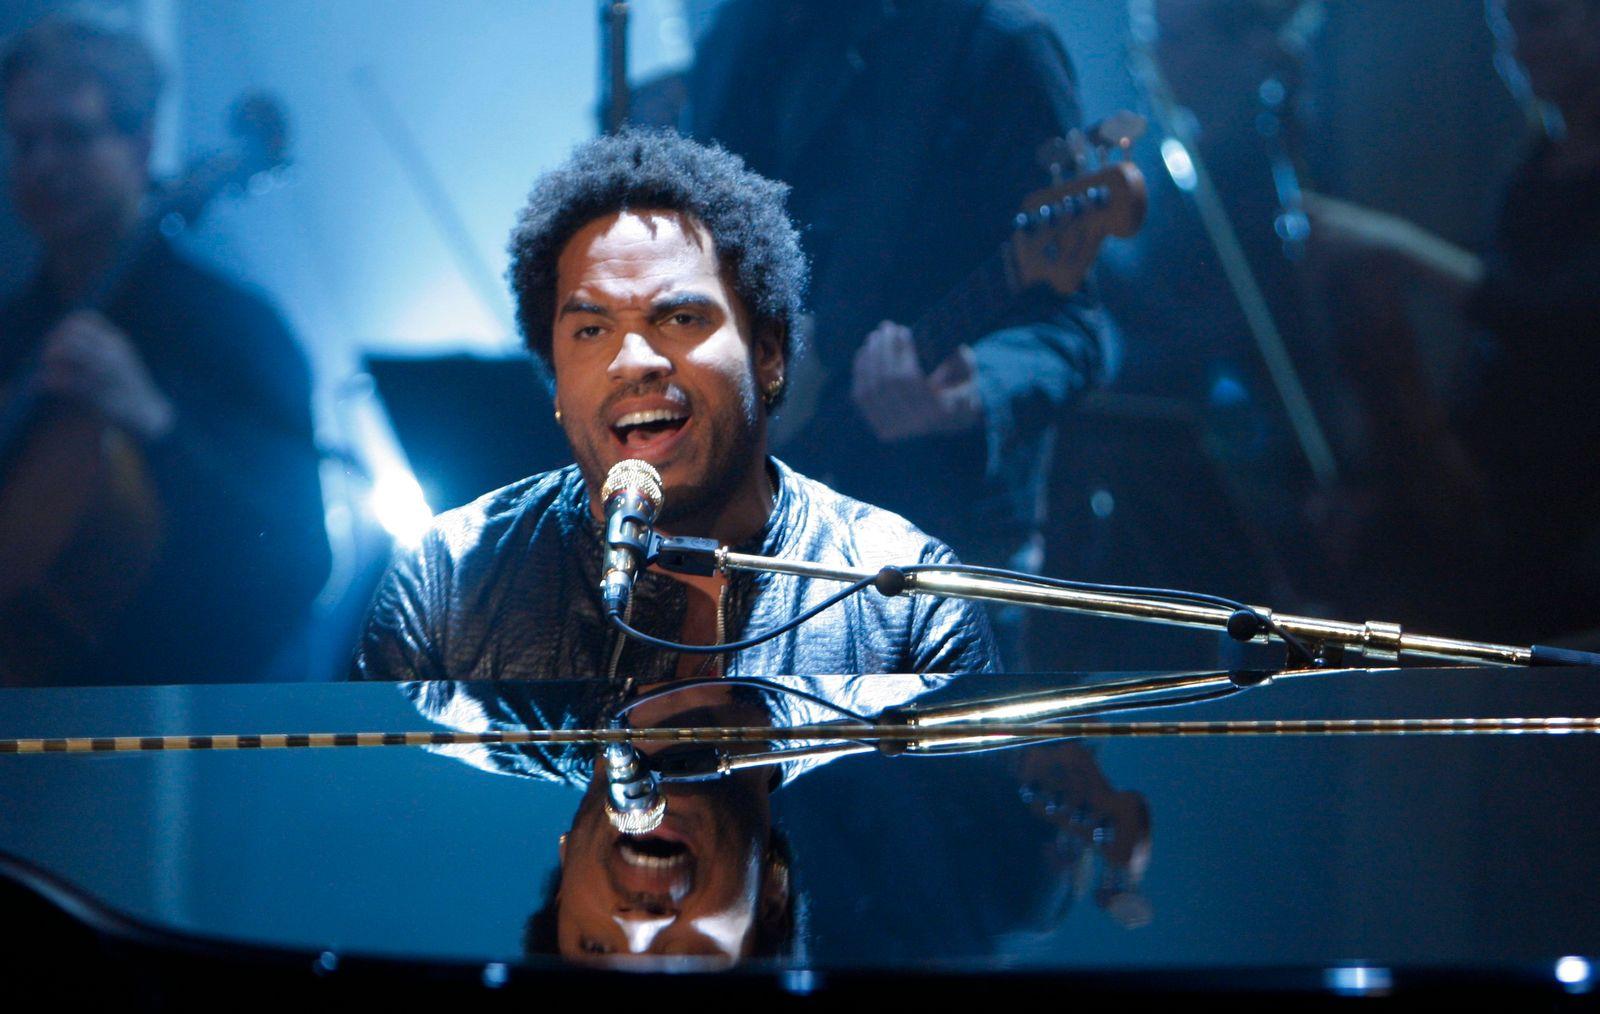 """Musician Kravitz performs during the German TV show """"Wetten dass.in Halle"""